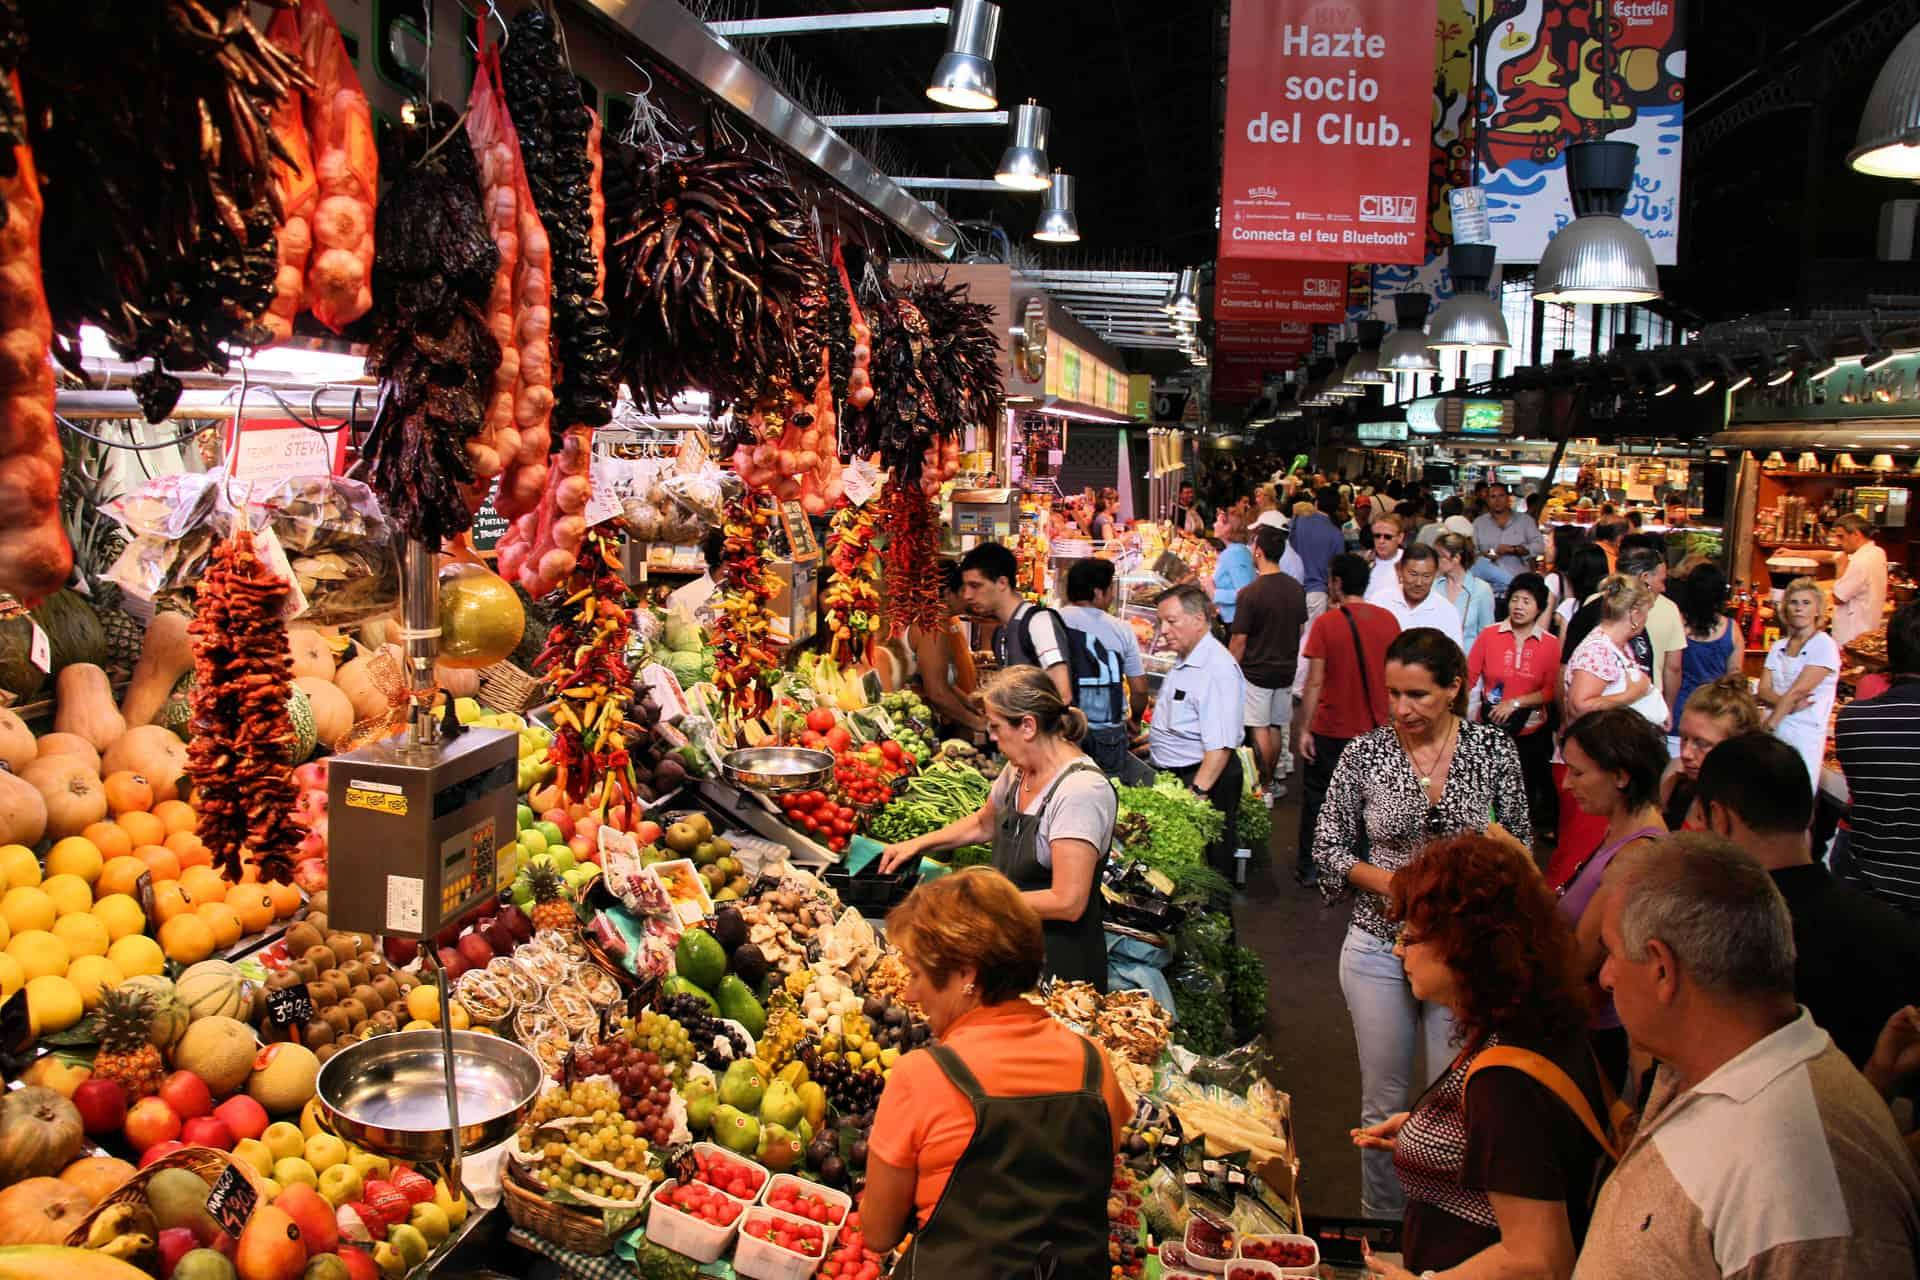 Barcelona Boqueria Market Scene